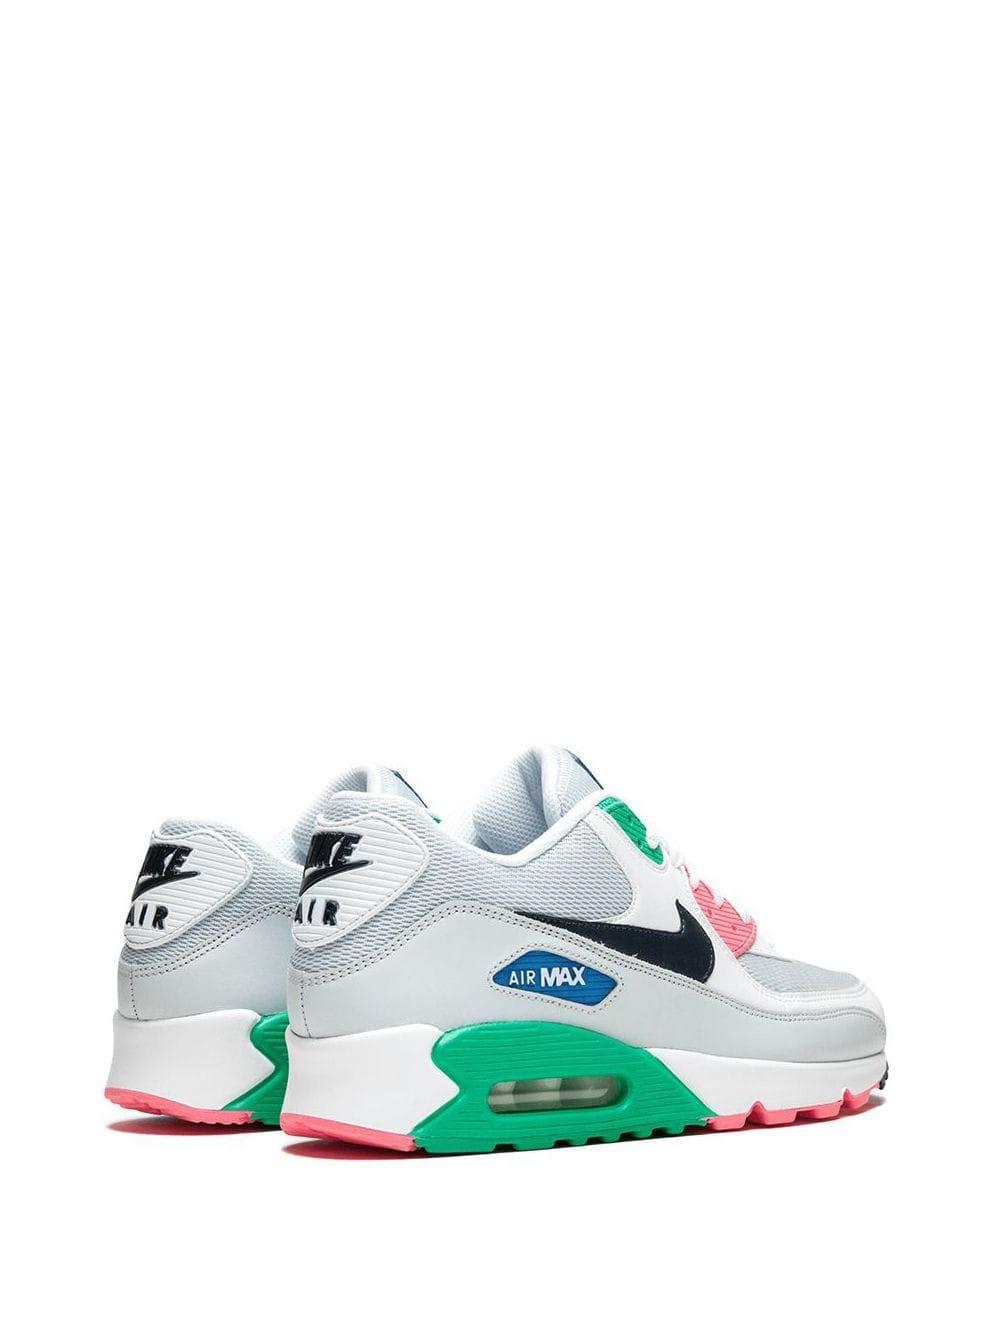 Baskets Air Max 90 Essential Caoutchouc Nike pour homme en coloris Blanc